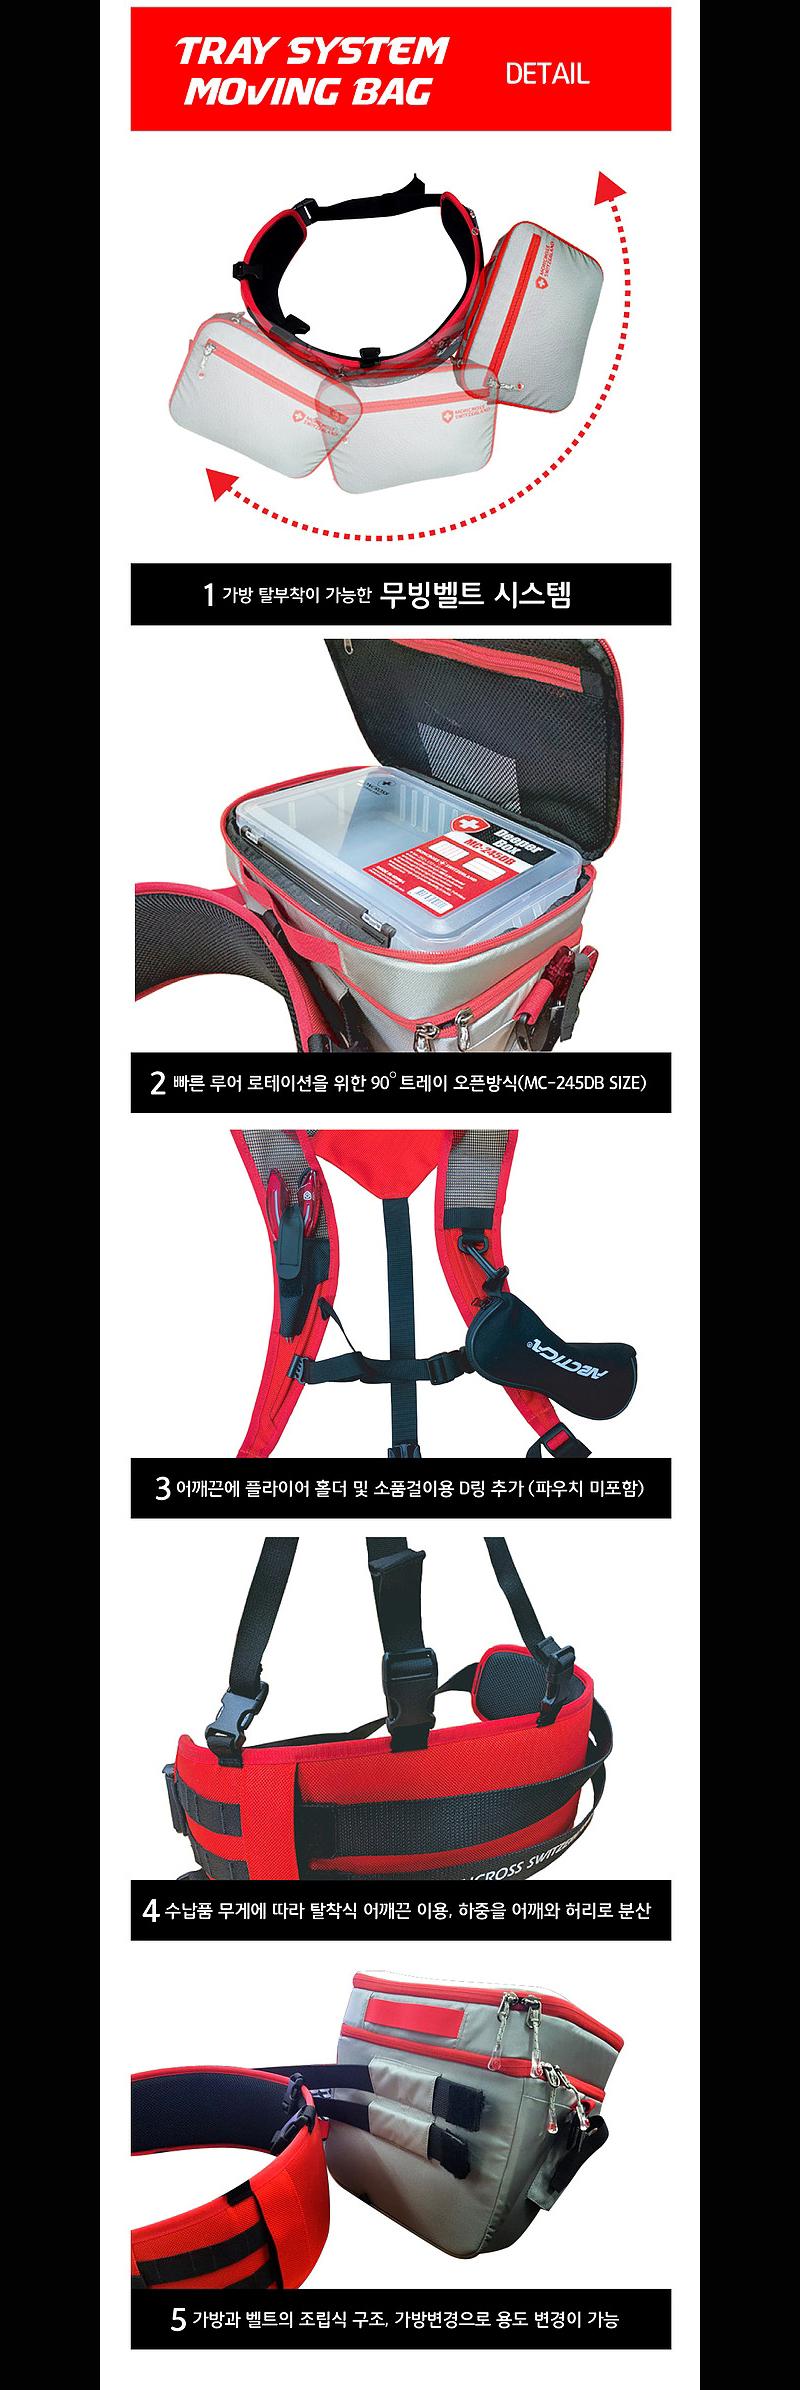 몽크로스 트레이시스템 무빙백 (MC-MB003) 트레이무빙백 루어가방 가방 낚시가방